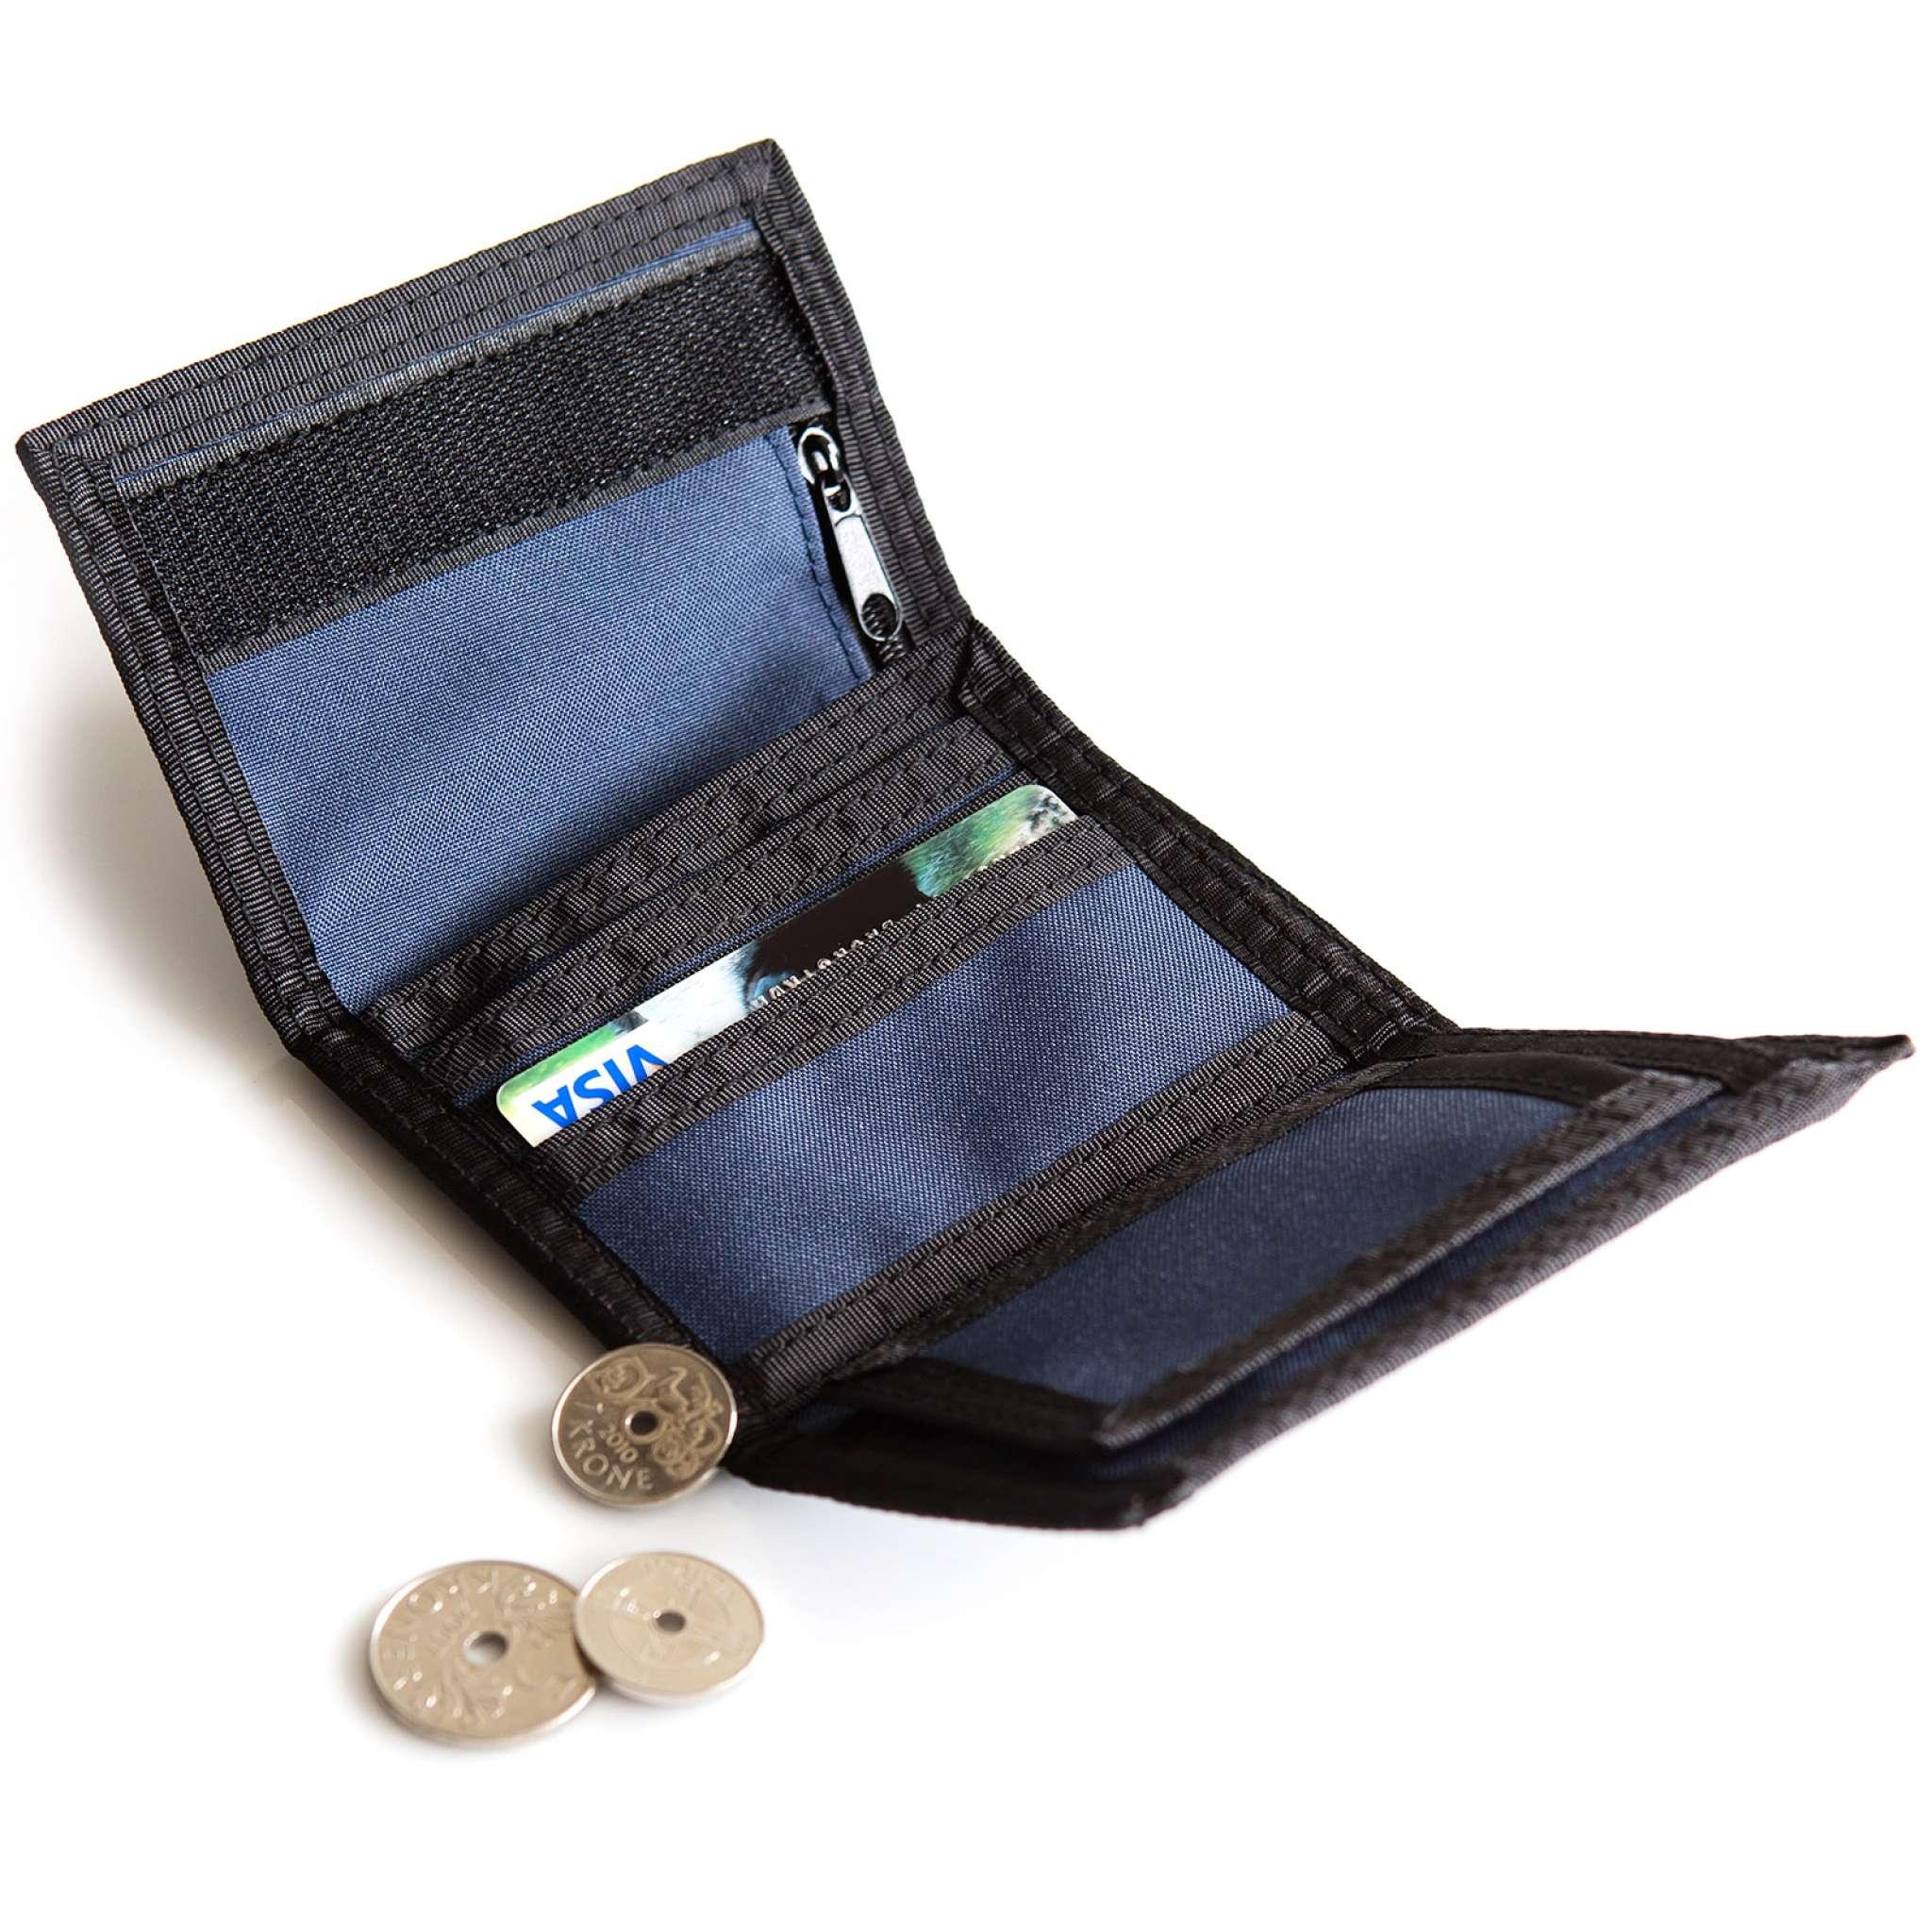 Välkomstgåva: Plånbok